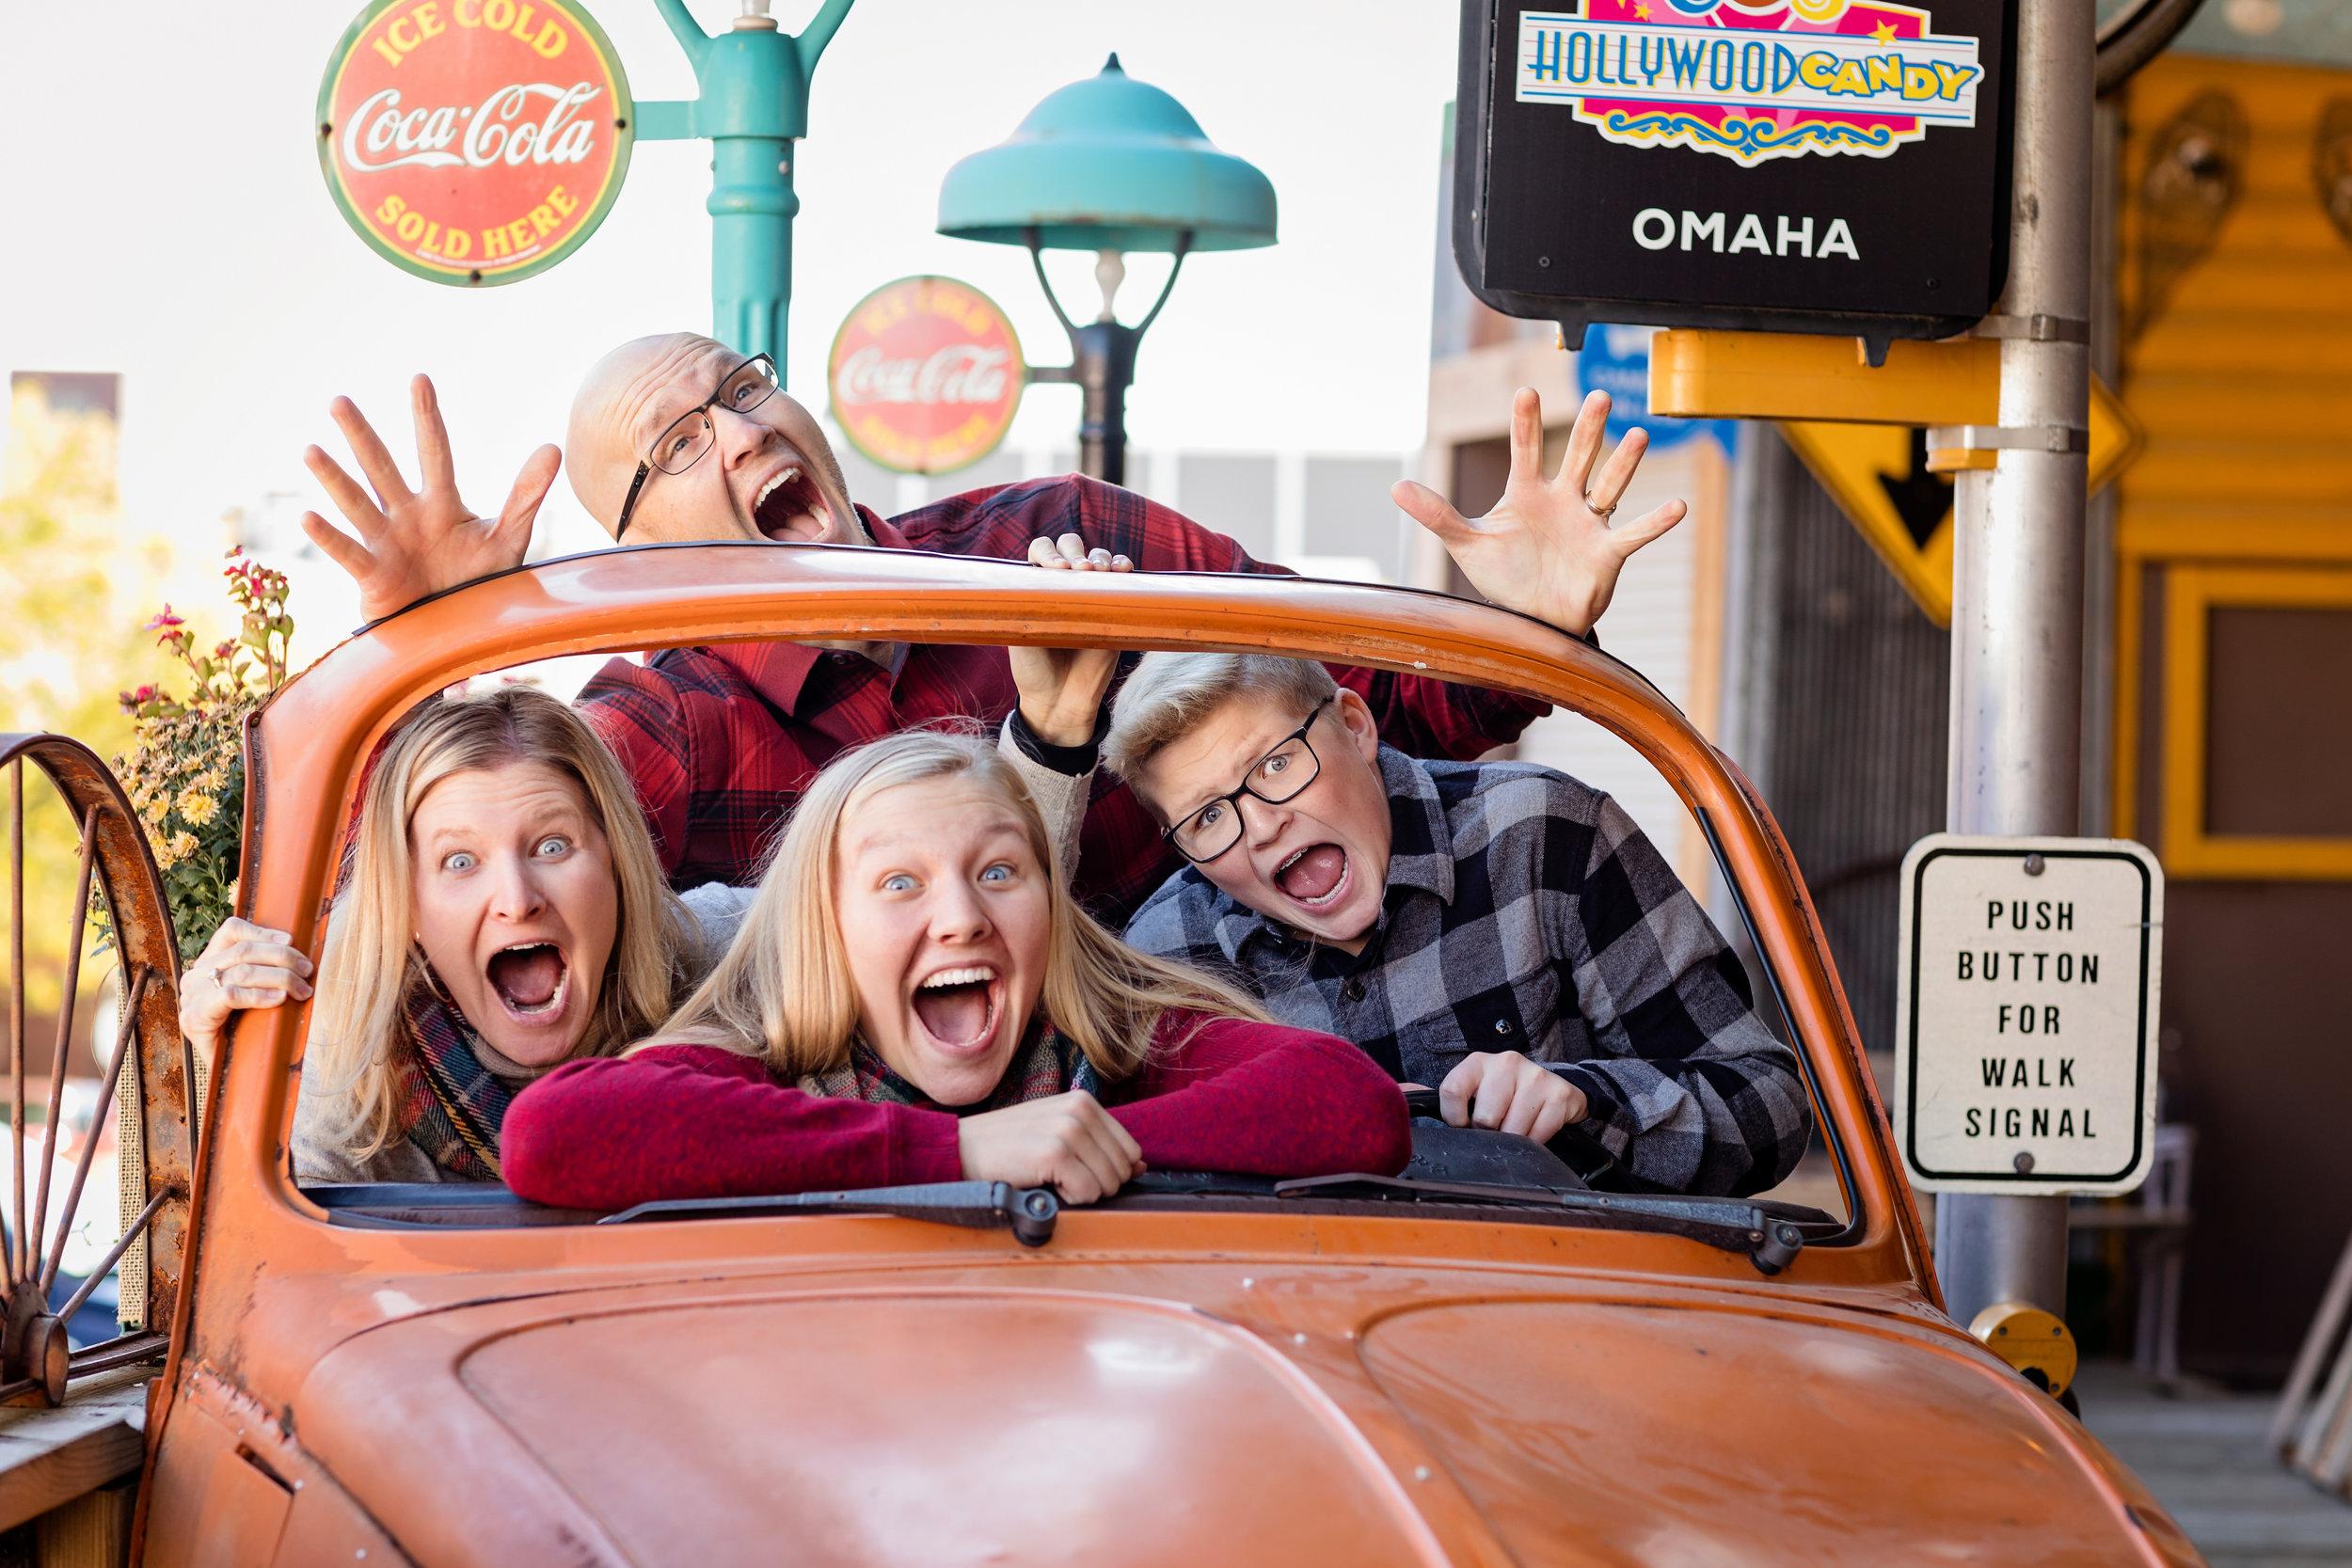 Omaha funny family